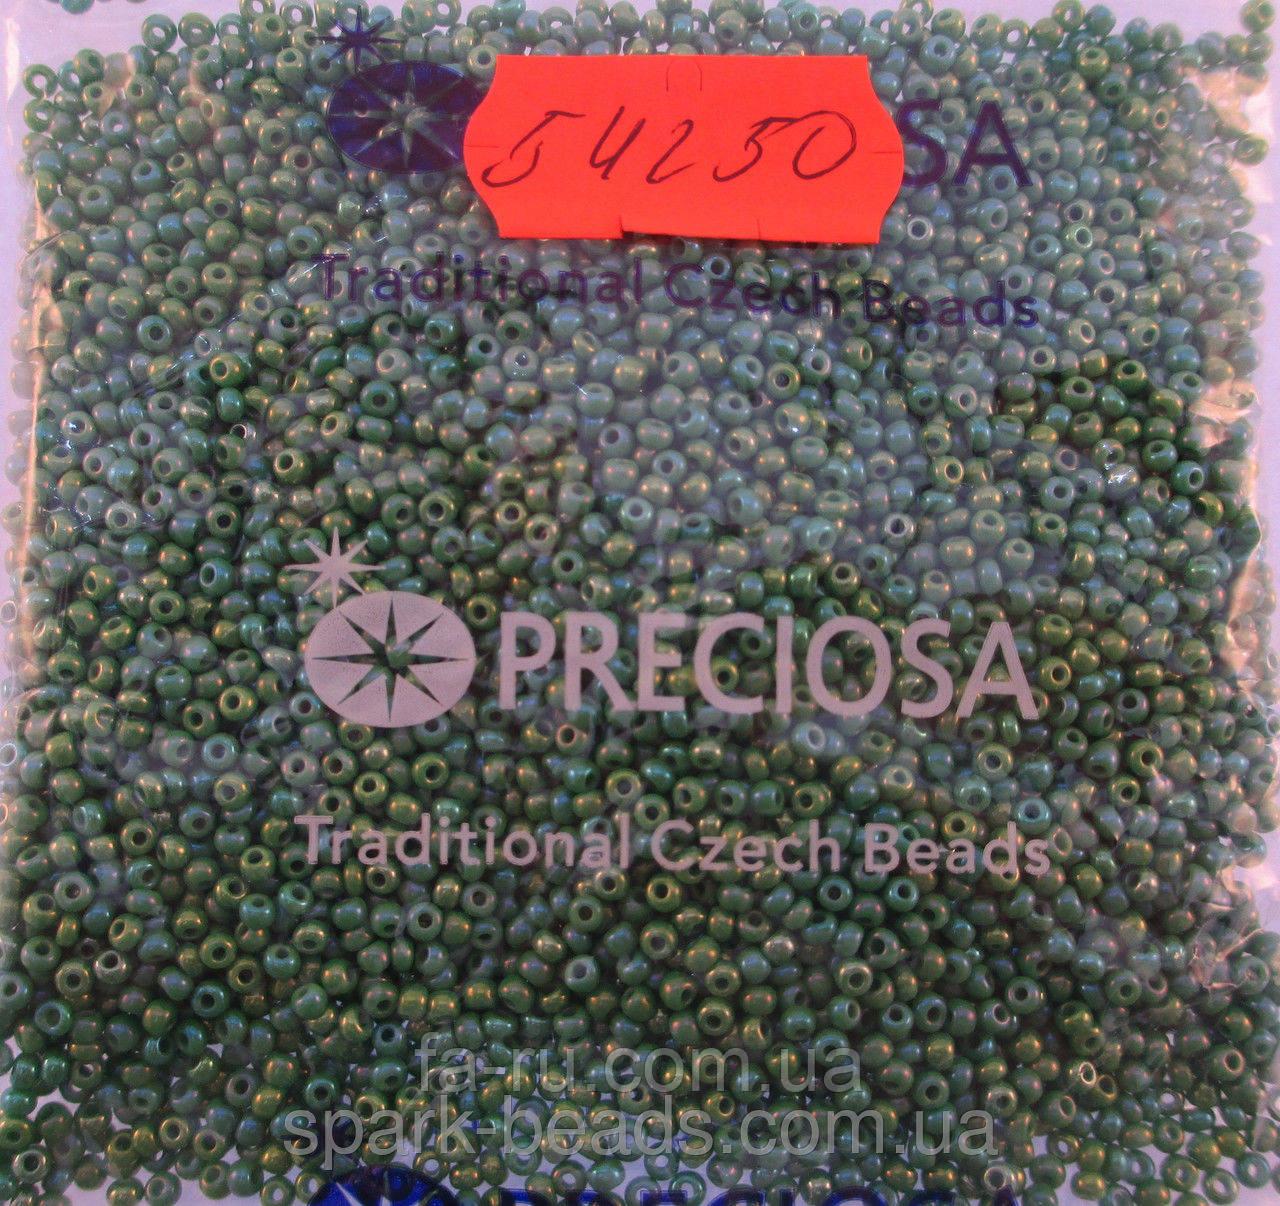 Бисер 10/0, цвет - зеленый радужный, №54250